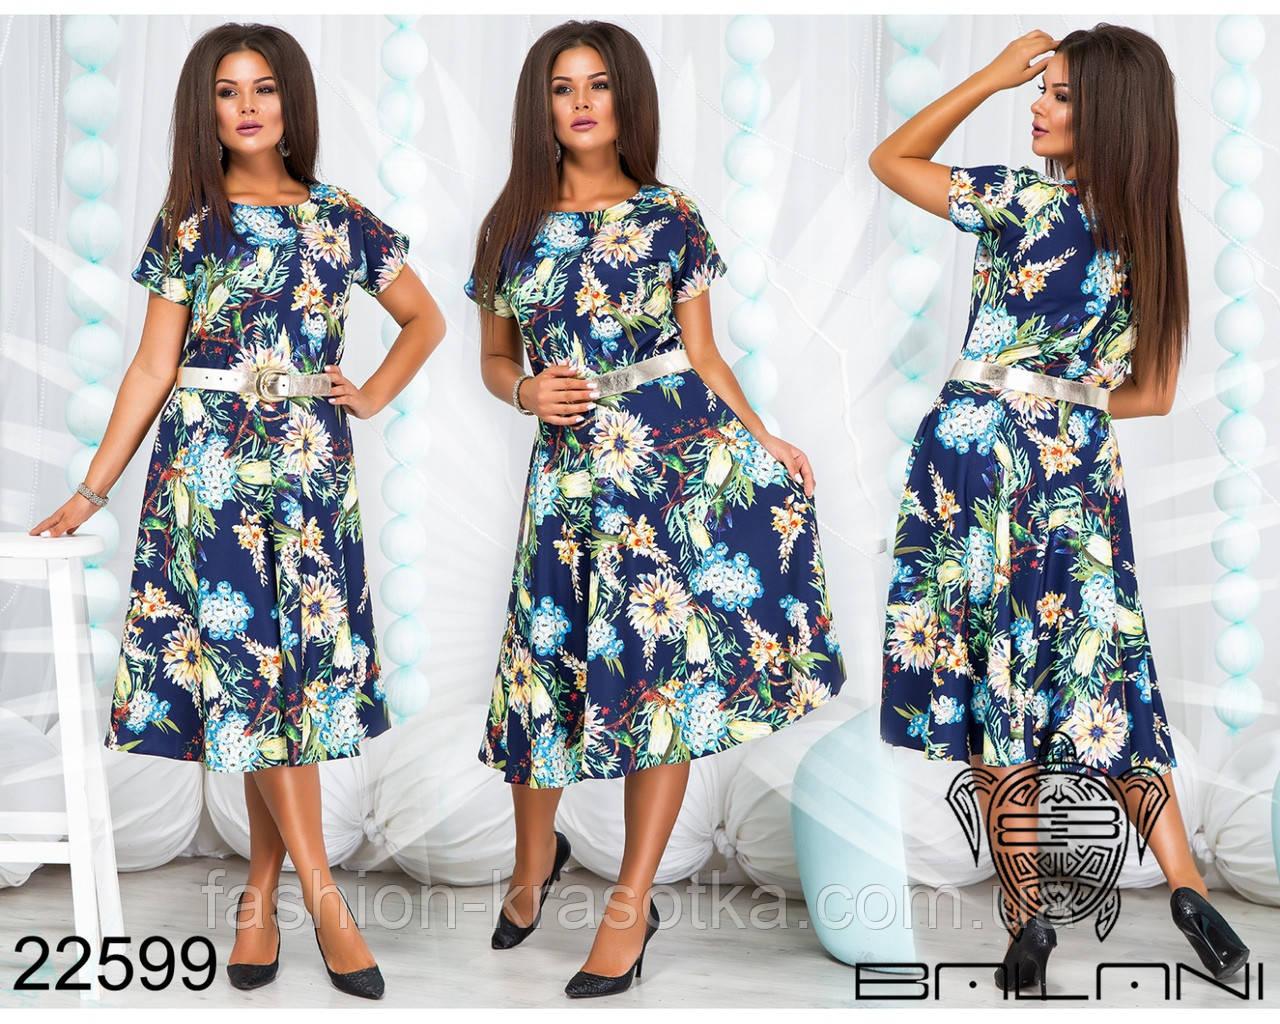 Нарядное легкое летнее платье,ткань креп-костюмка,размеры 48,50,52,54.